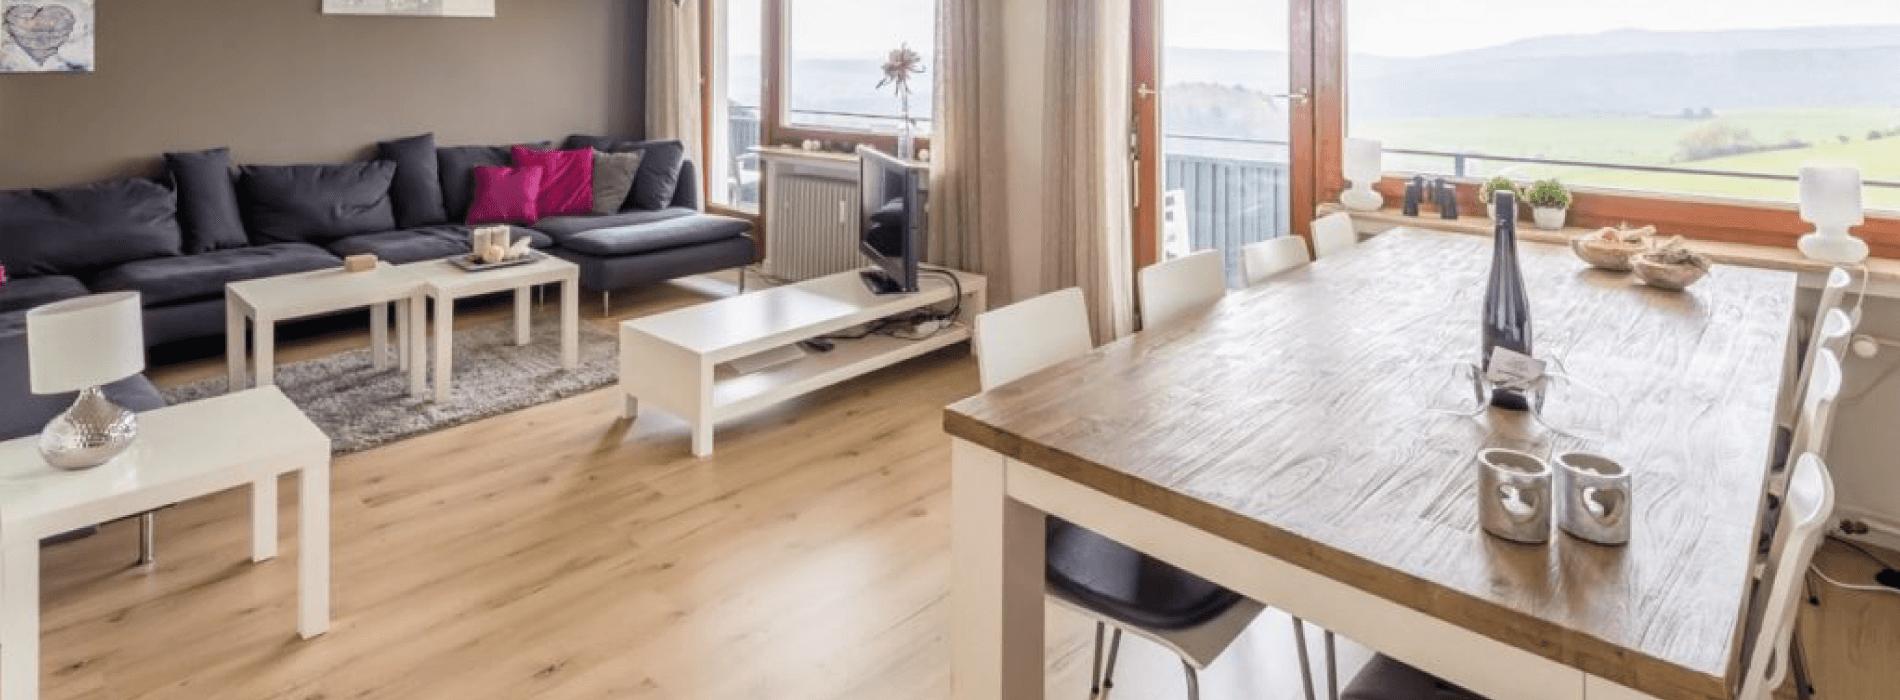 Haus-wunderberg-suaerland-willingen-winterberg-appartement-penthouse-10-personen-vakantie-appartementen-2